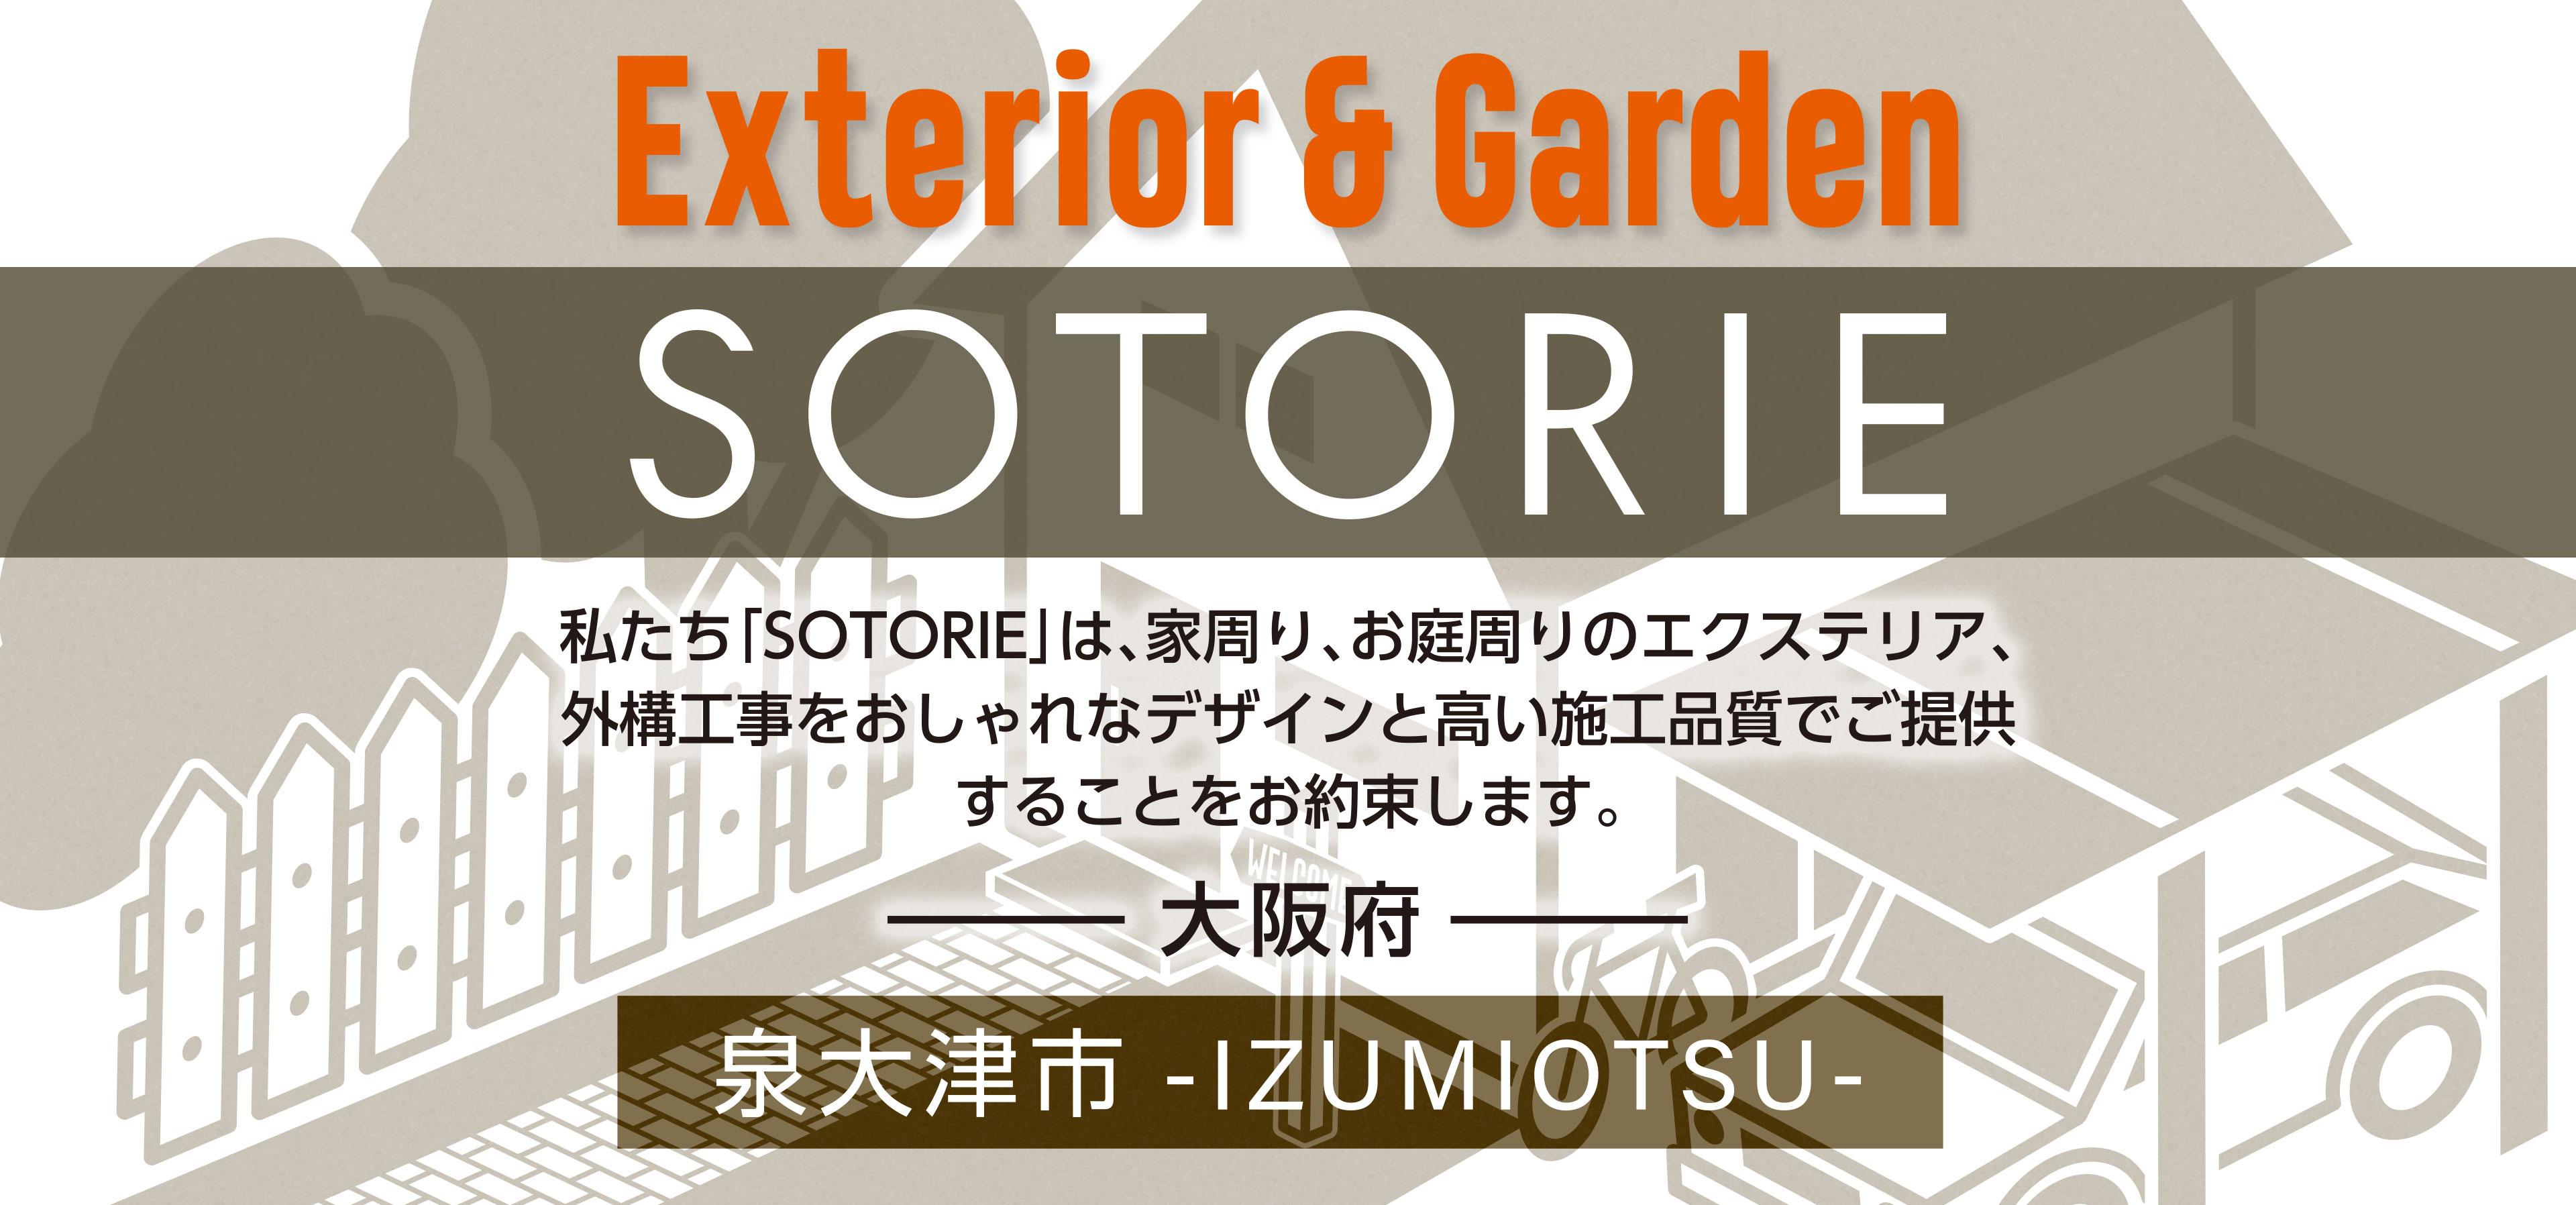 ソトリエ泉大津市では、家周りと庭周りの外構、エクステリア工事をおしゃれなデザインと高い施工品質でご提供することをお約束します。